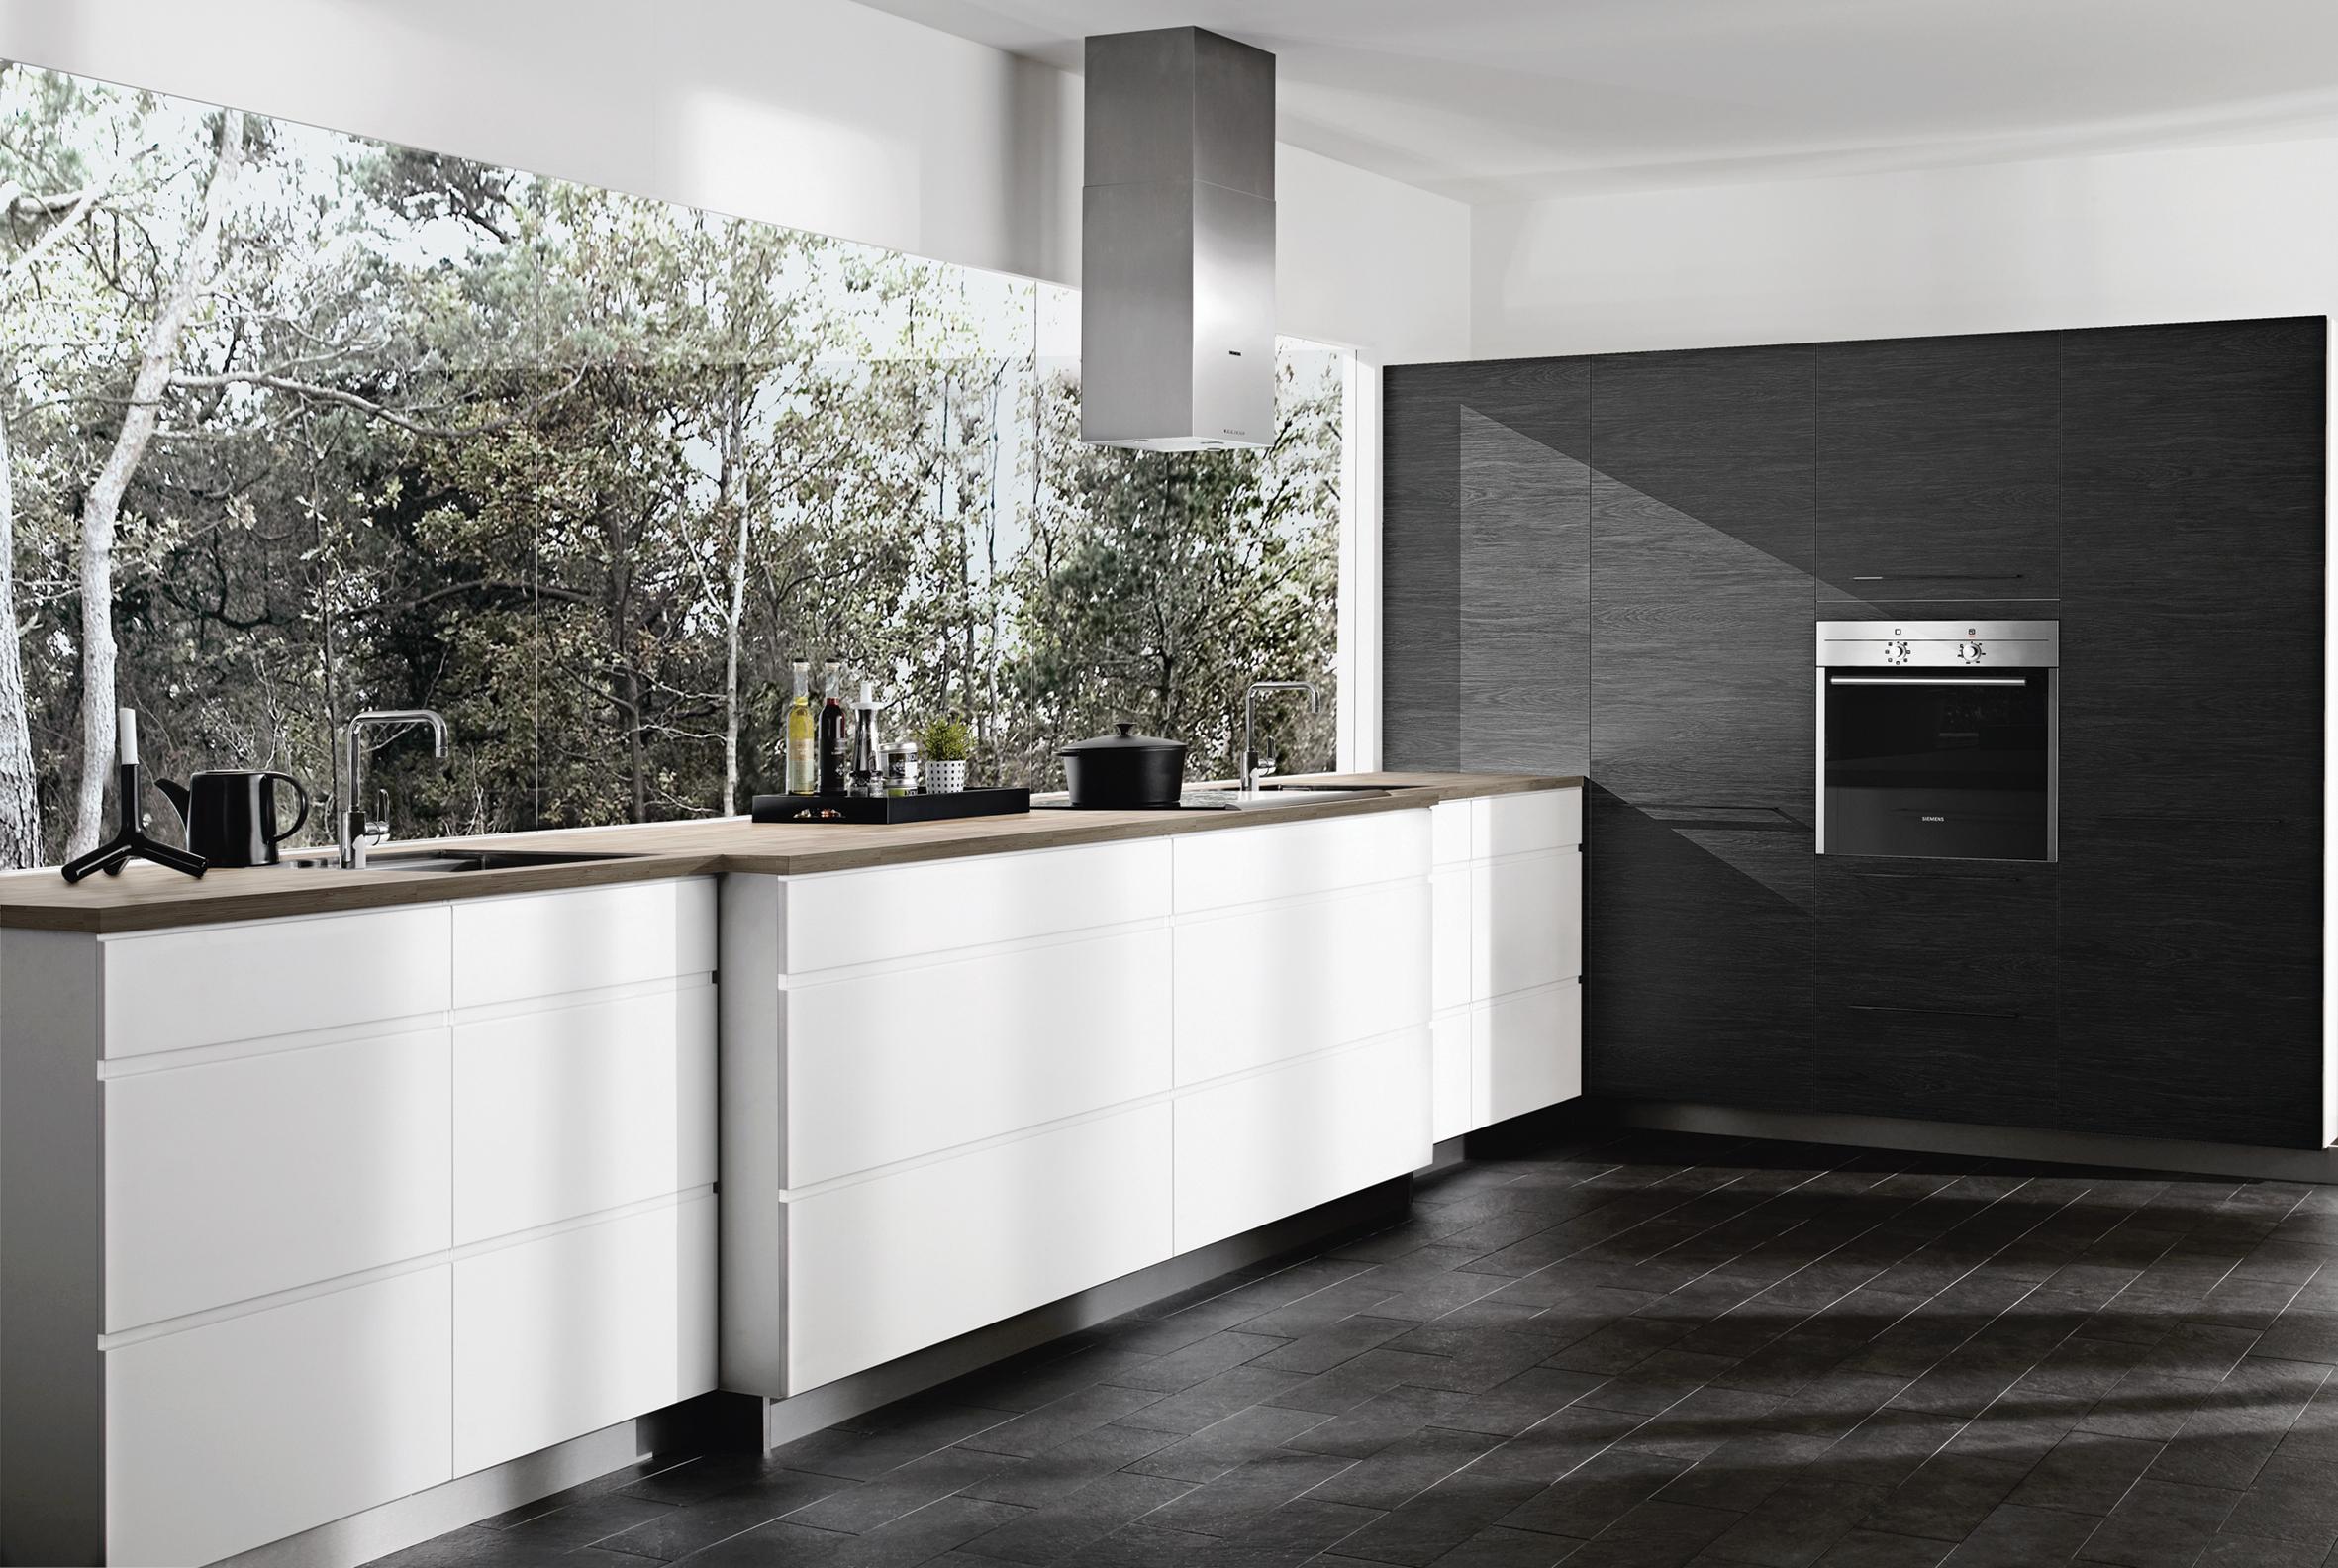 Kvik añade espacio extra a sus cocinas - Notas de prensa